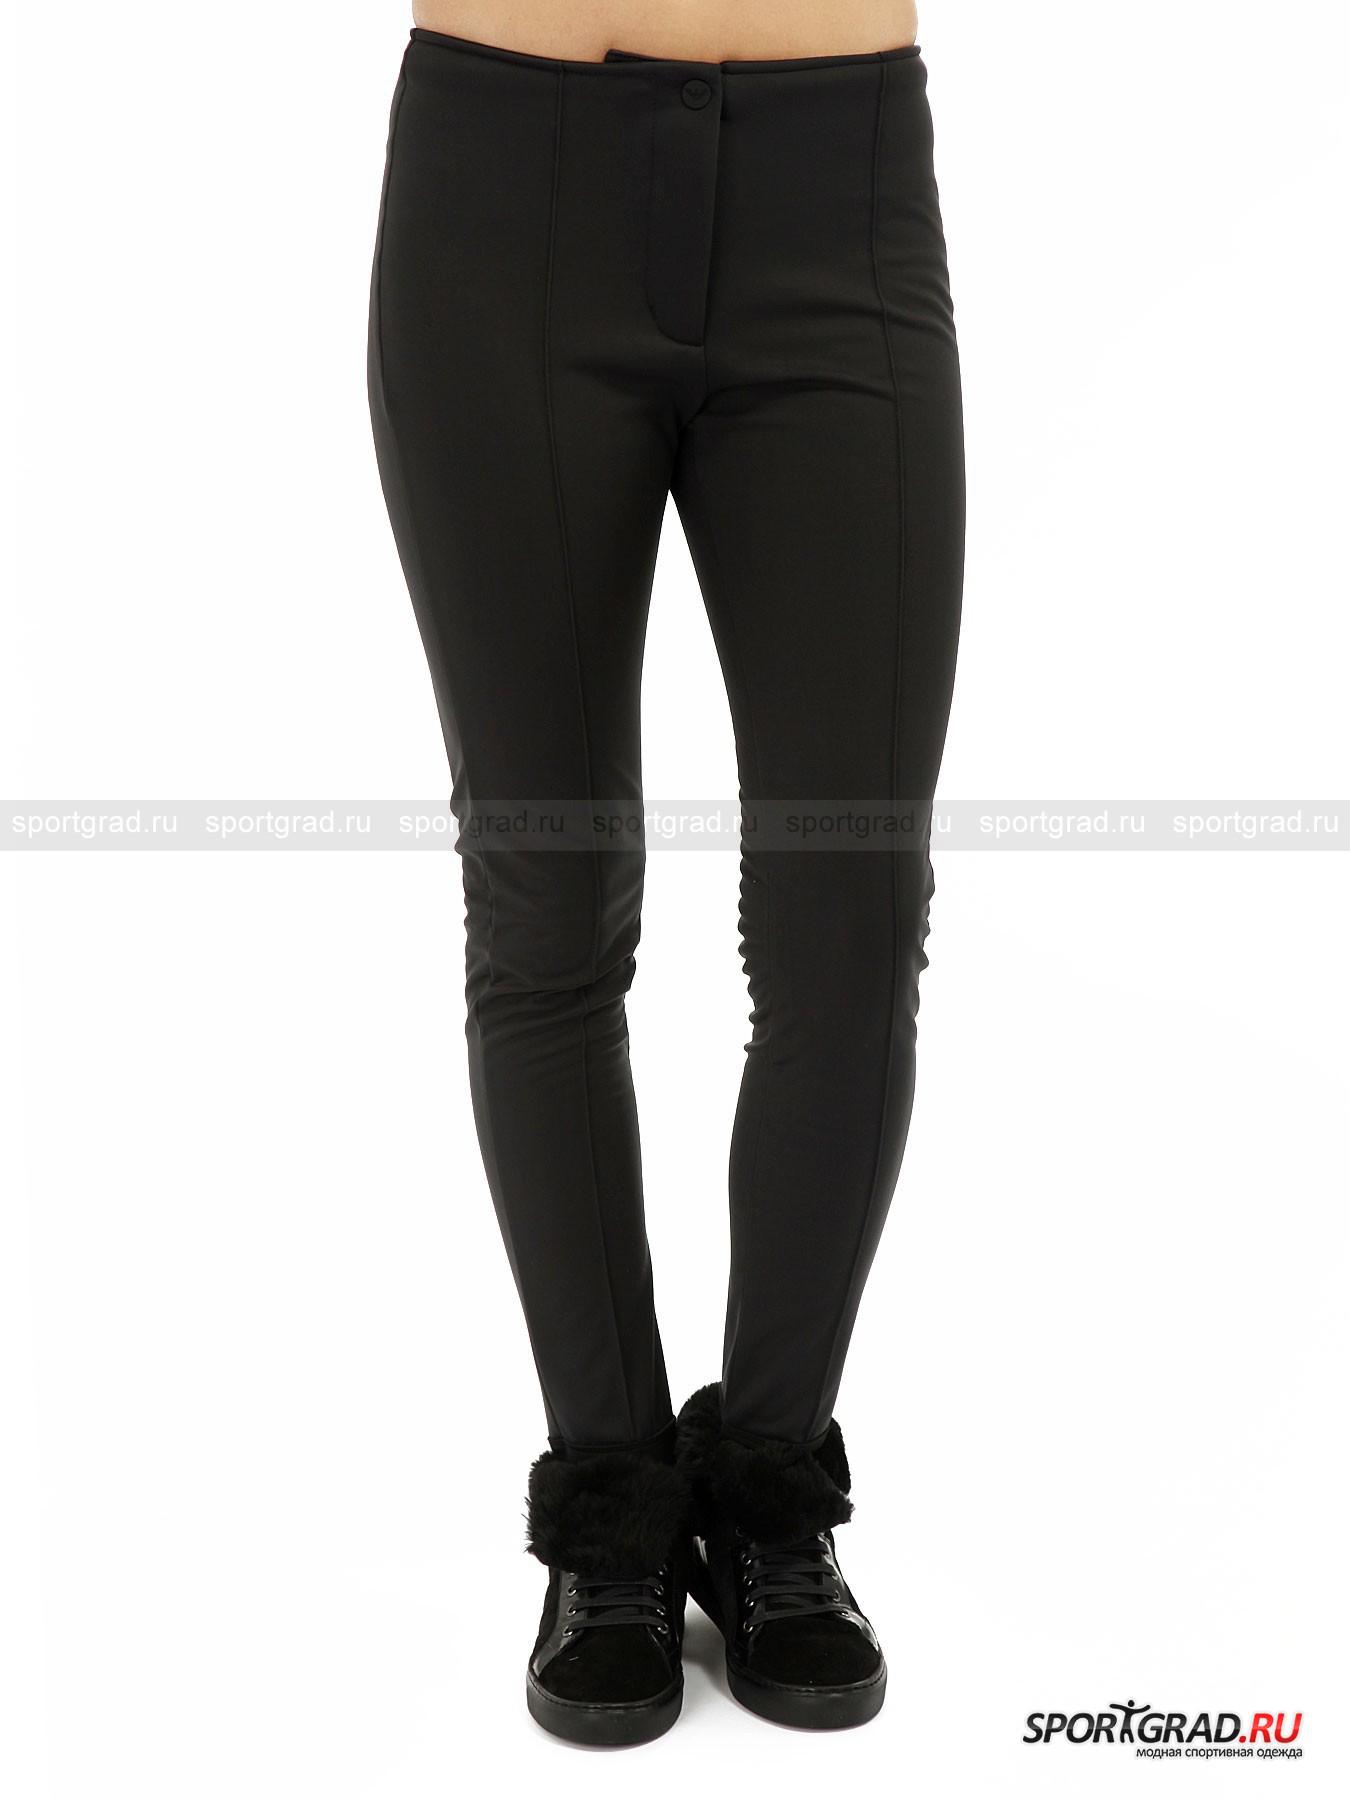 Брюки женские горнолыжные  Ski W-leggings EA7 EMPORIO ARMANIБрюки<br>Прекрасные брюки Ski W-leggings EA7 Emporio Armani относятся к горнолыжной коллекции марки, но их внешний вид не выдает спортивного характера – такая модель пригодится и в черте города для долгих прогулок зимними днями.<br><br>Штаны сделаны из прочной эластичной ткани, рассчитанной на защиту от осадков. За утепление отвечает флисовая подкладка с изнаночной стороны. Брюки превосходно сидят, подчеркивая фигуру.<br><br>Особенности модели:<br>- застежка-молния, кнопка и крючок;<br>- вертикальные рельефы вдоль штанин;<br>- петли для фиксирования на ступнях;<br>- фирменный логотип бренда.<br><br>Пол: Женский<br>Возраст: Взрослый<br>Тип: Брюки<br>Рекомендации по уходу: деликатная стирка при температуре до 30 С; нельзя отбеливать, гладить, подвергать химической чистке, сушить в стиральной машине<br>Состав: 83% полиэстер, 17% полиуретан